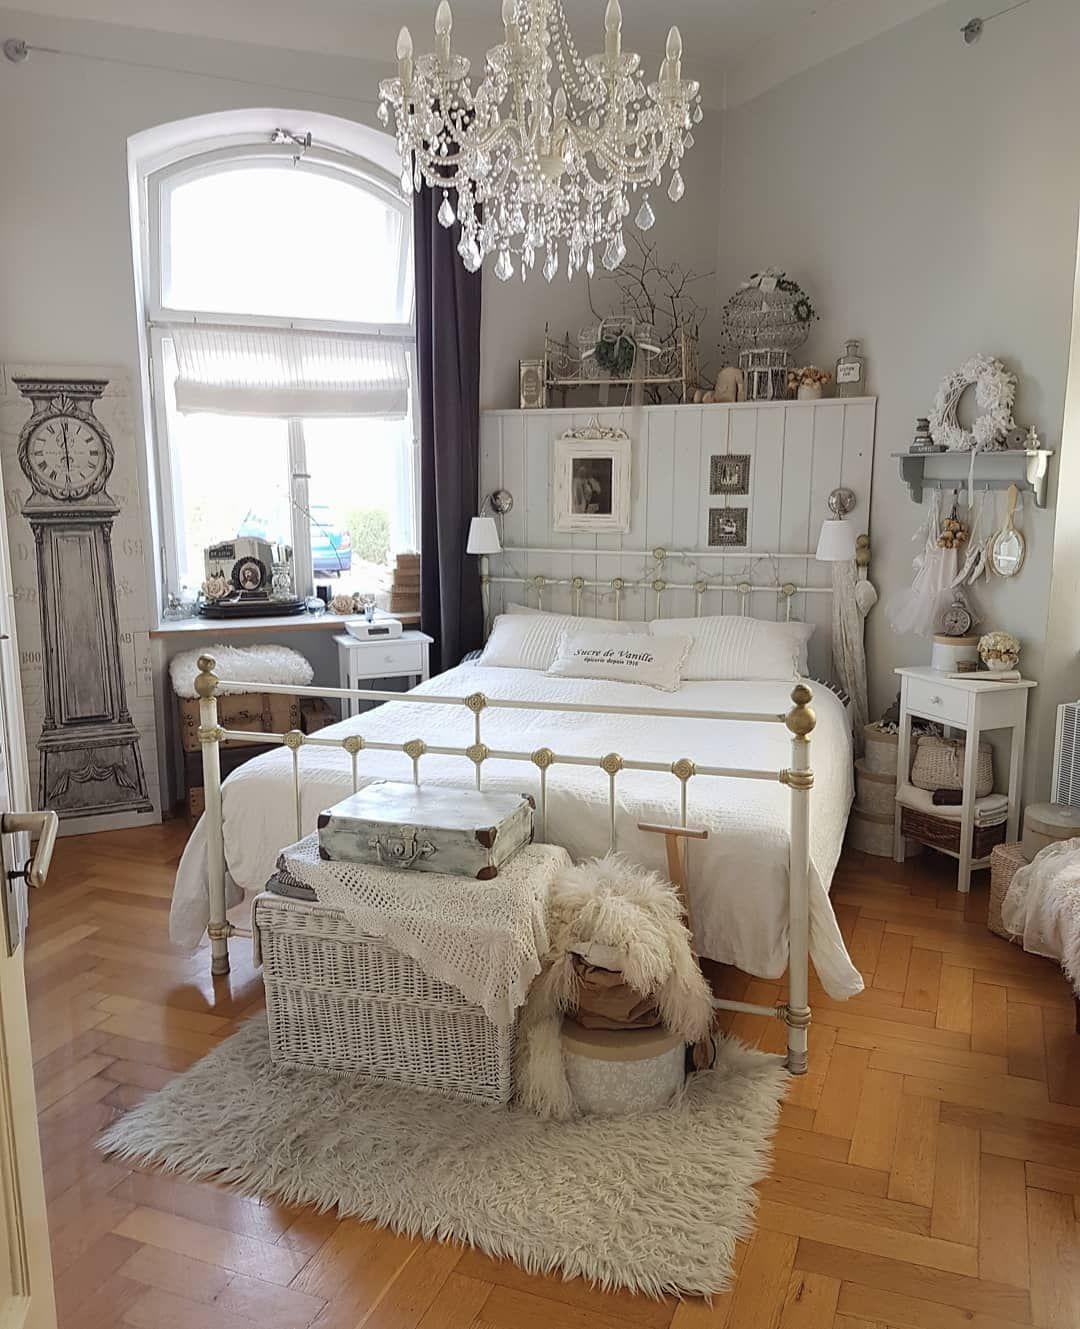 schlafzimmer uhrshabbychic flohmarktfunde antik